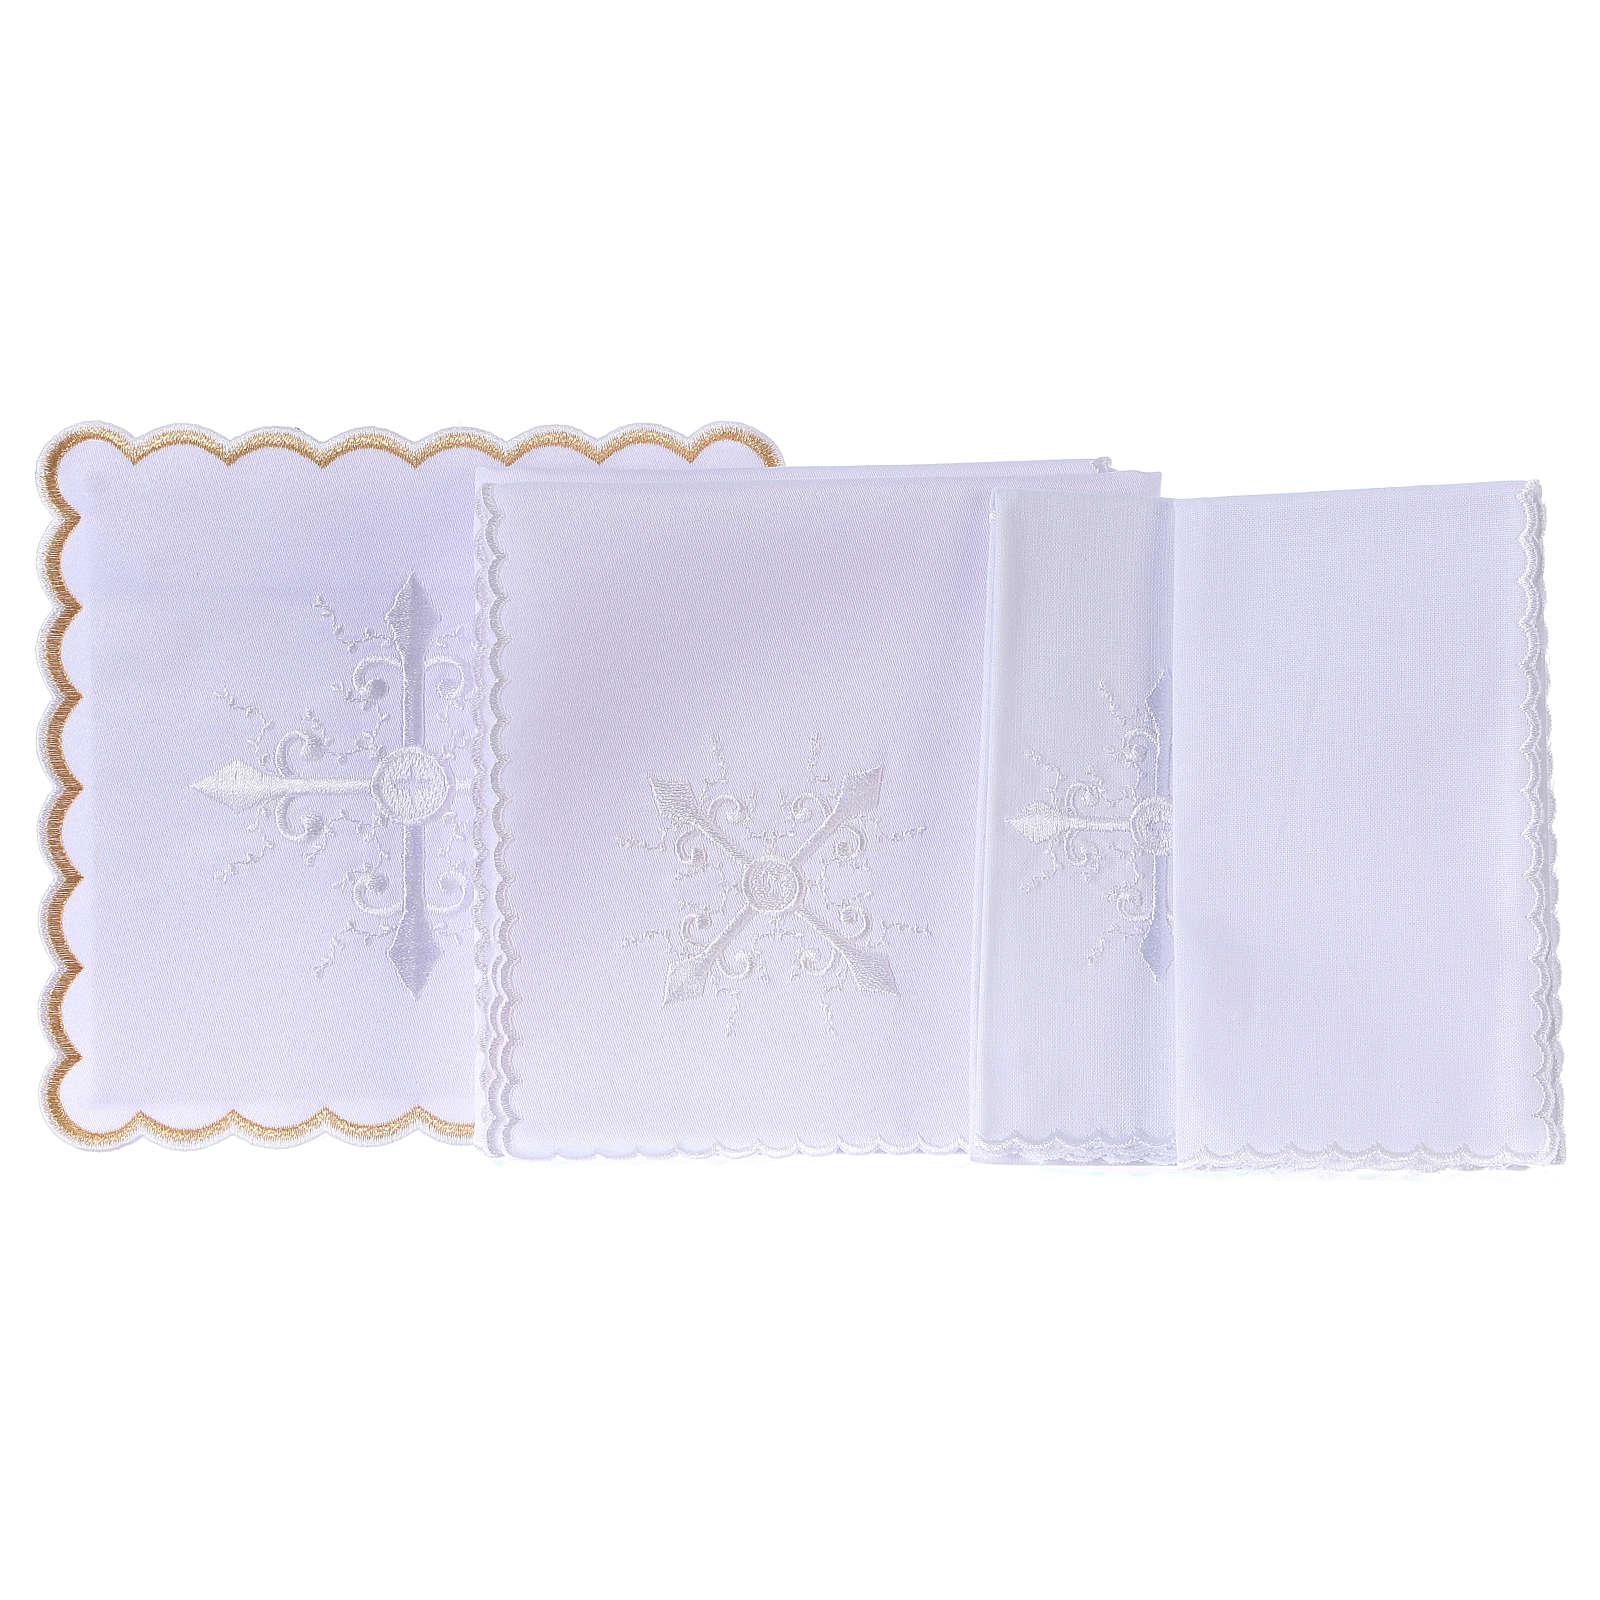 Conjunto alfaia litúrgica algodão bordado branco cruz barroca 4